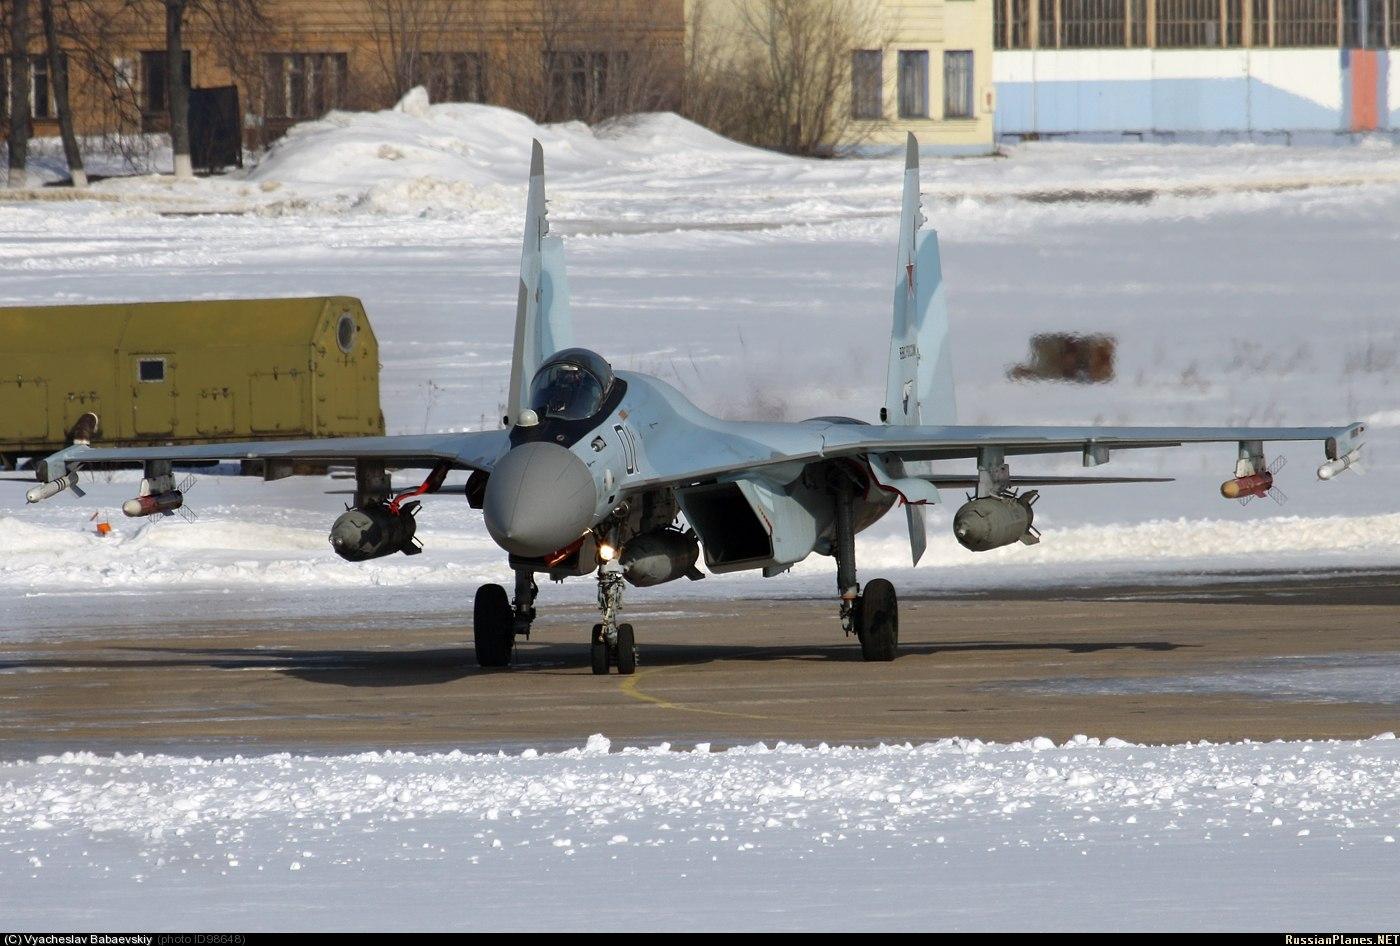 Fuerzas Armadas de la Federación Rusa - Página 9 TrmEIFlM9Xk